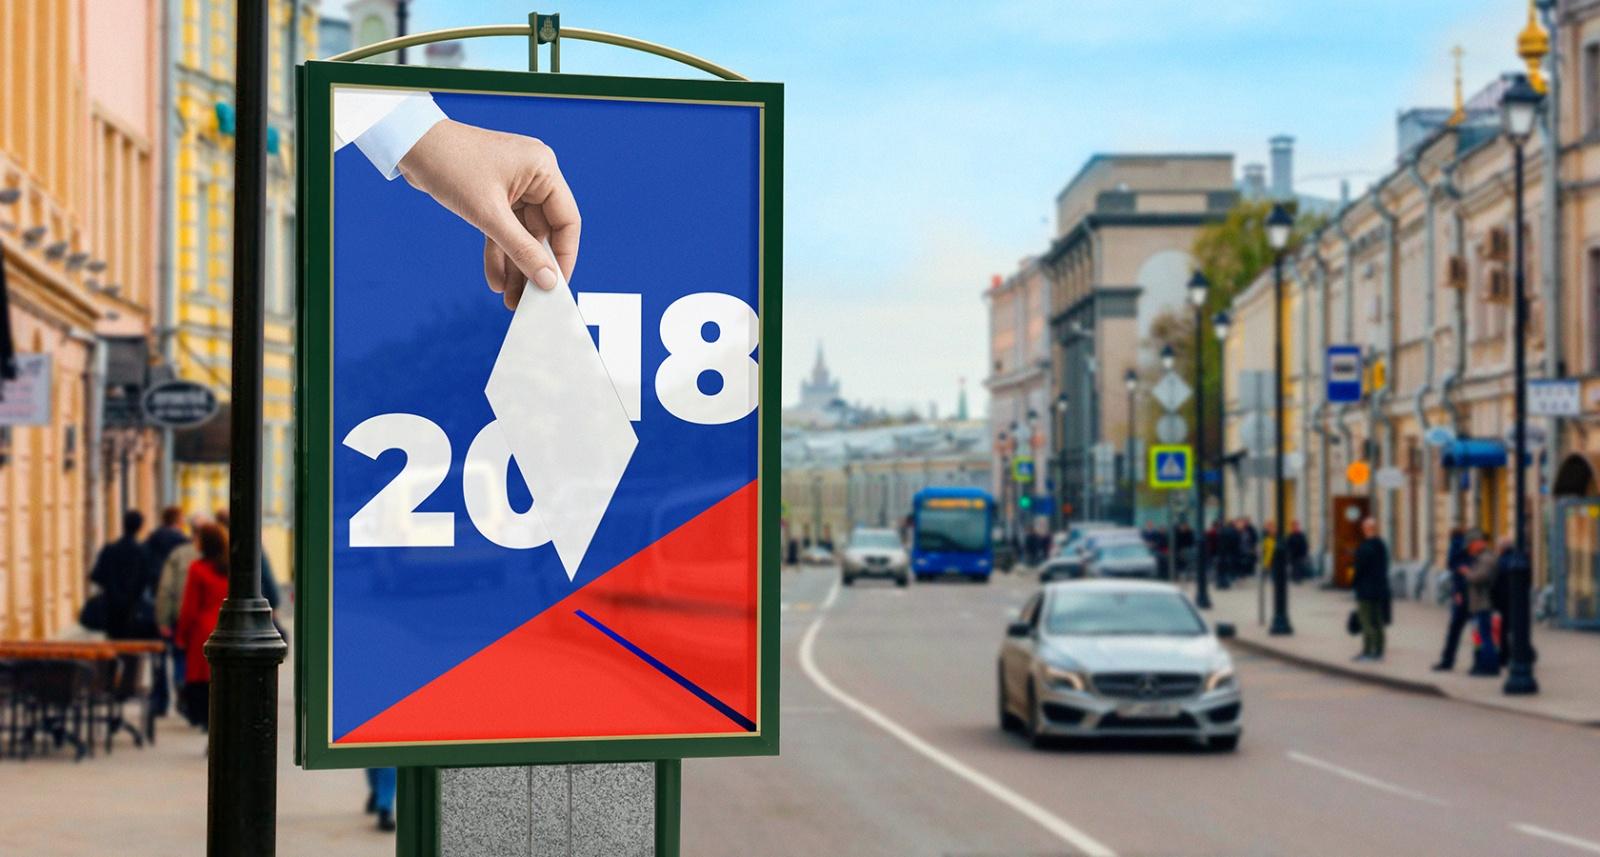 Логотип выборов за 37 миллионов VS. за 75 тысяч - 19